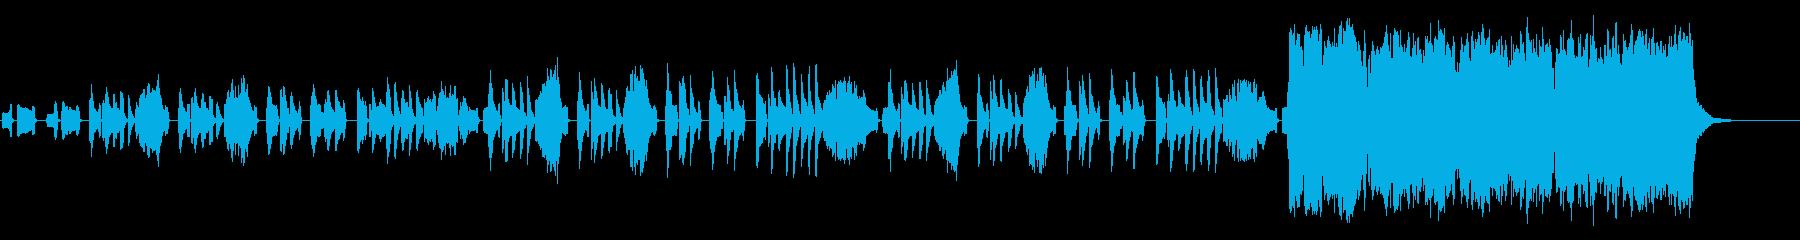 子供向けなゆったりほのぼのと可愛らしい曲の再生済みの波形